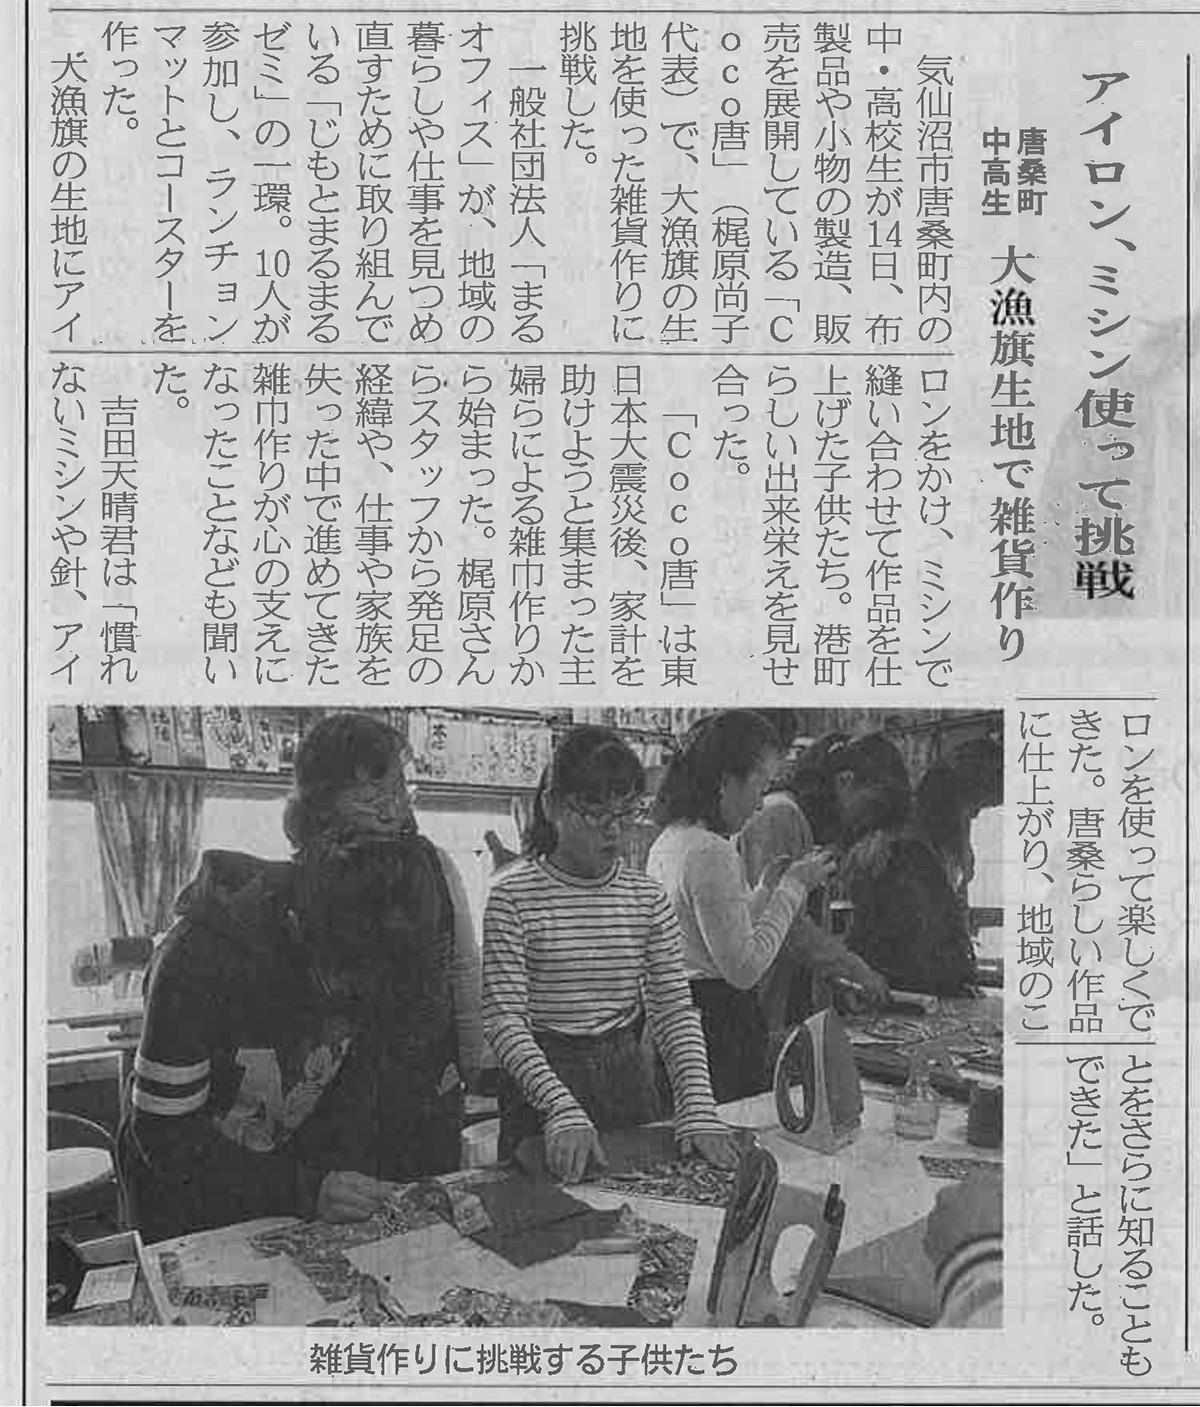 20180117_じもとまるまるゼミ(三陸新報)